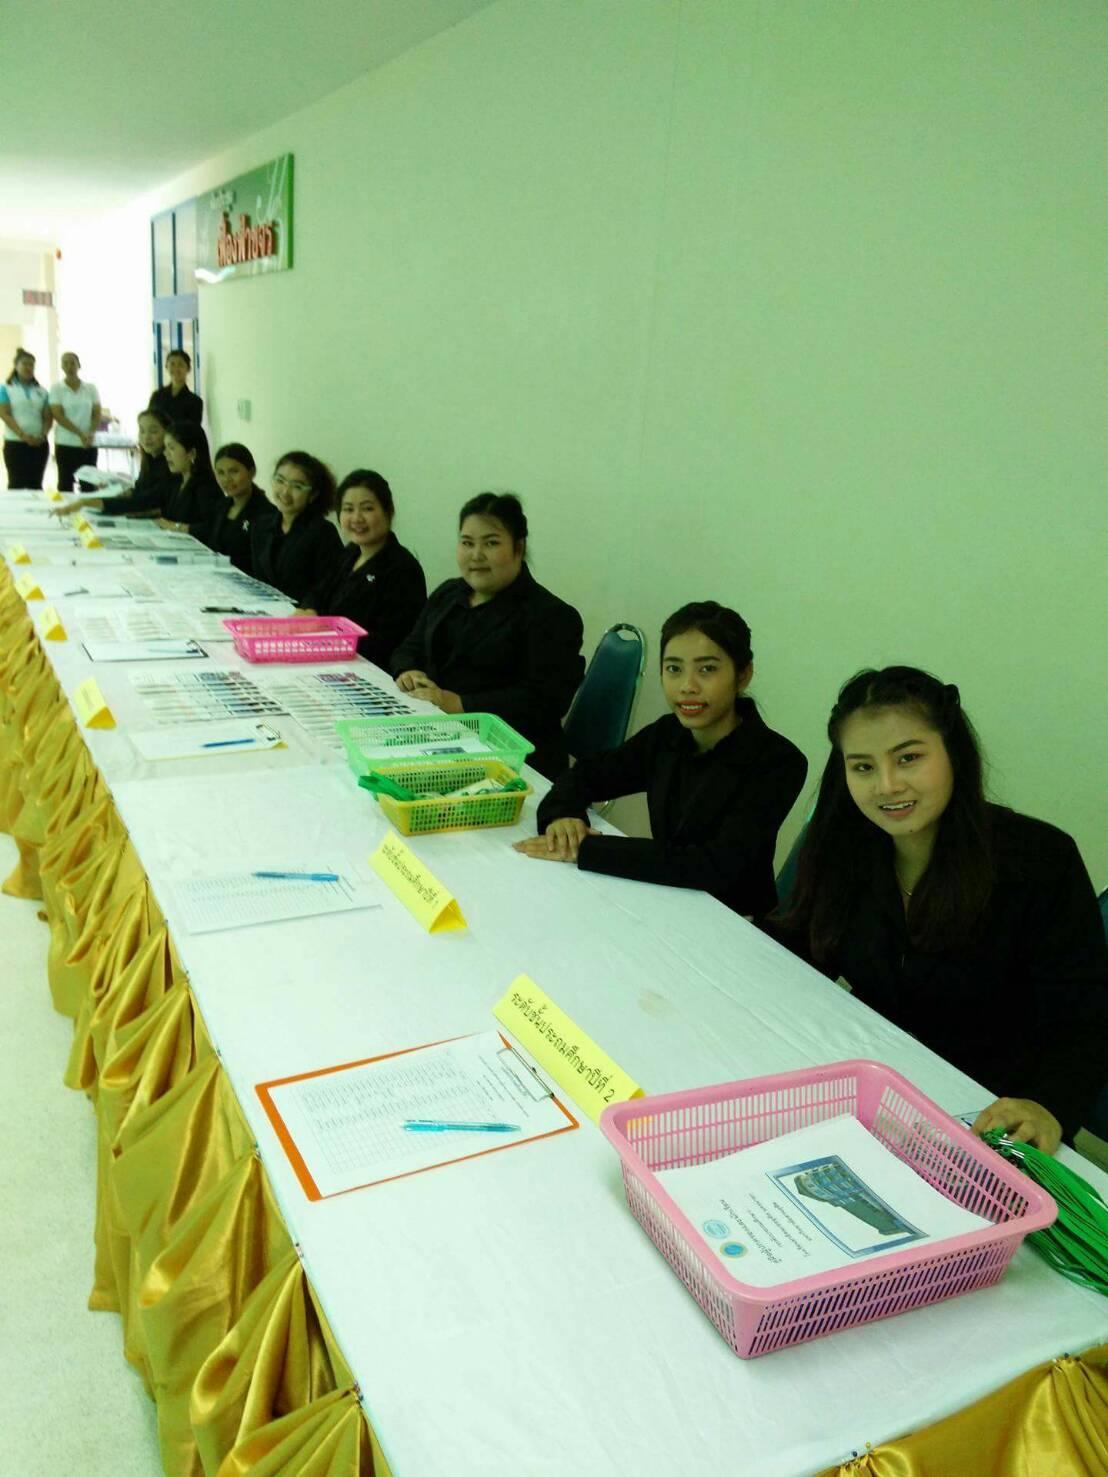 โรงเรียนสาธิตละอออุทิศ นครนายก จัดปฐมนิเทศผู้ปกครอง ปีการศึกษา 2560